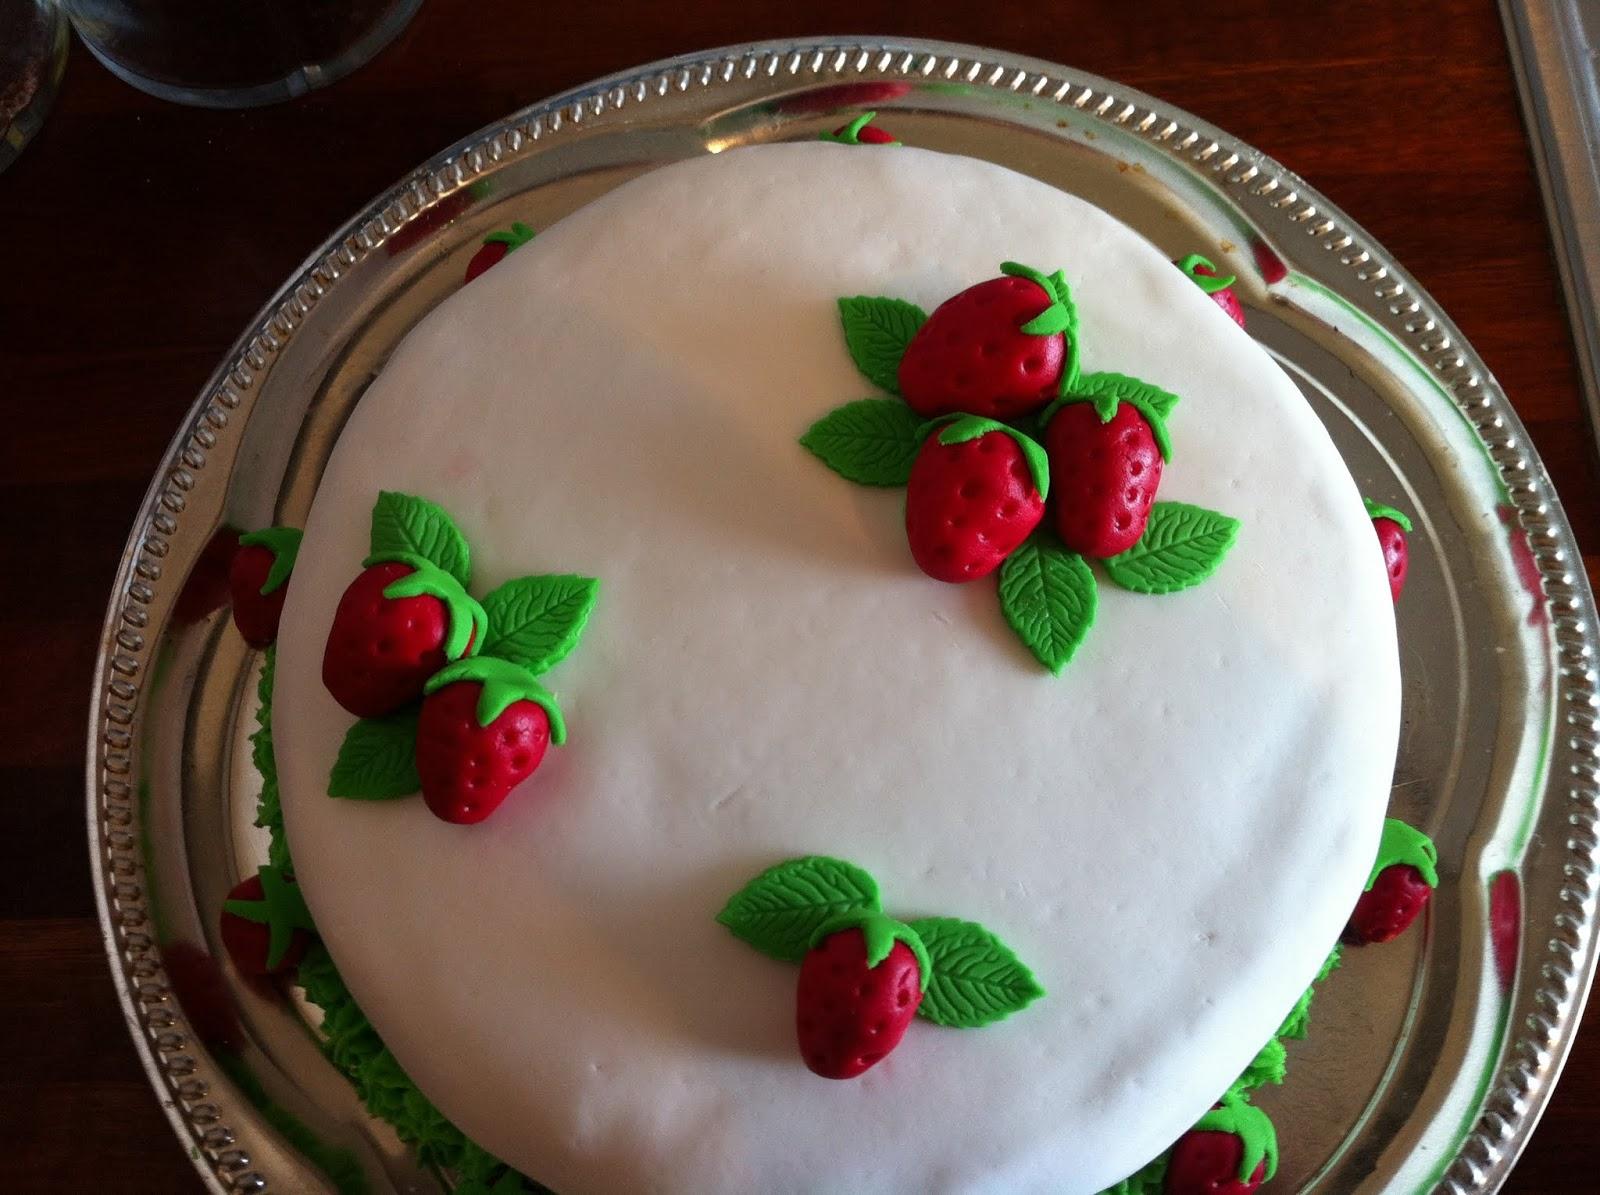 Kage til svigermors fødselsdag